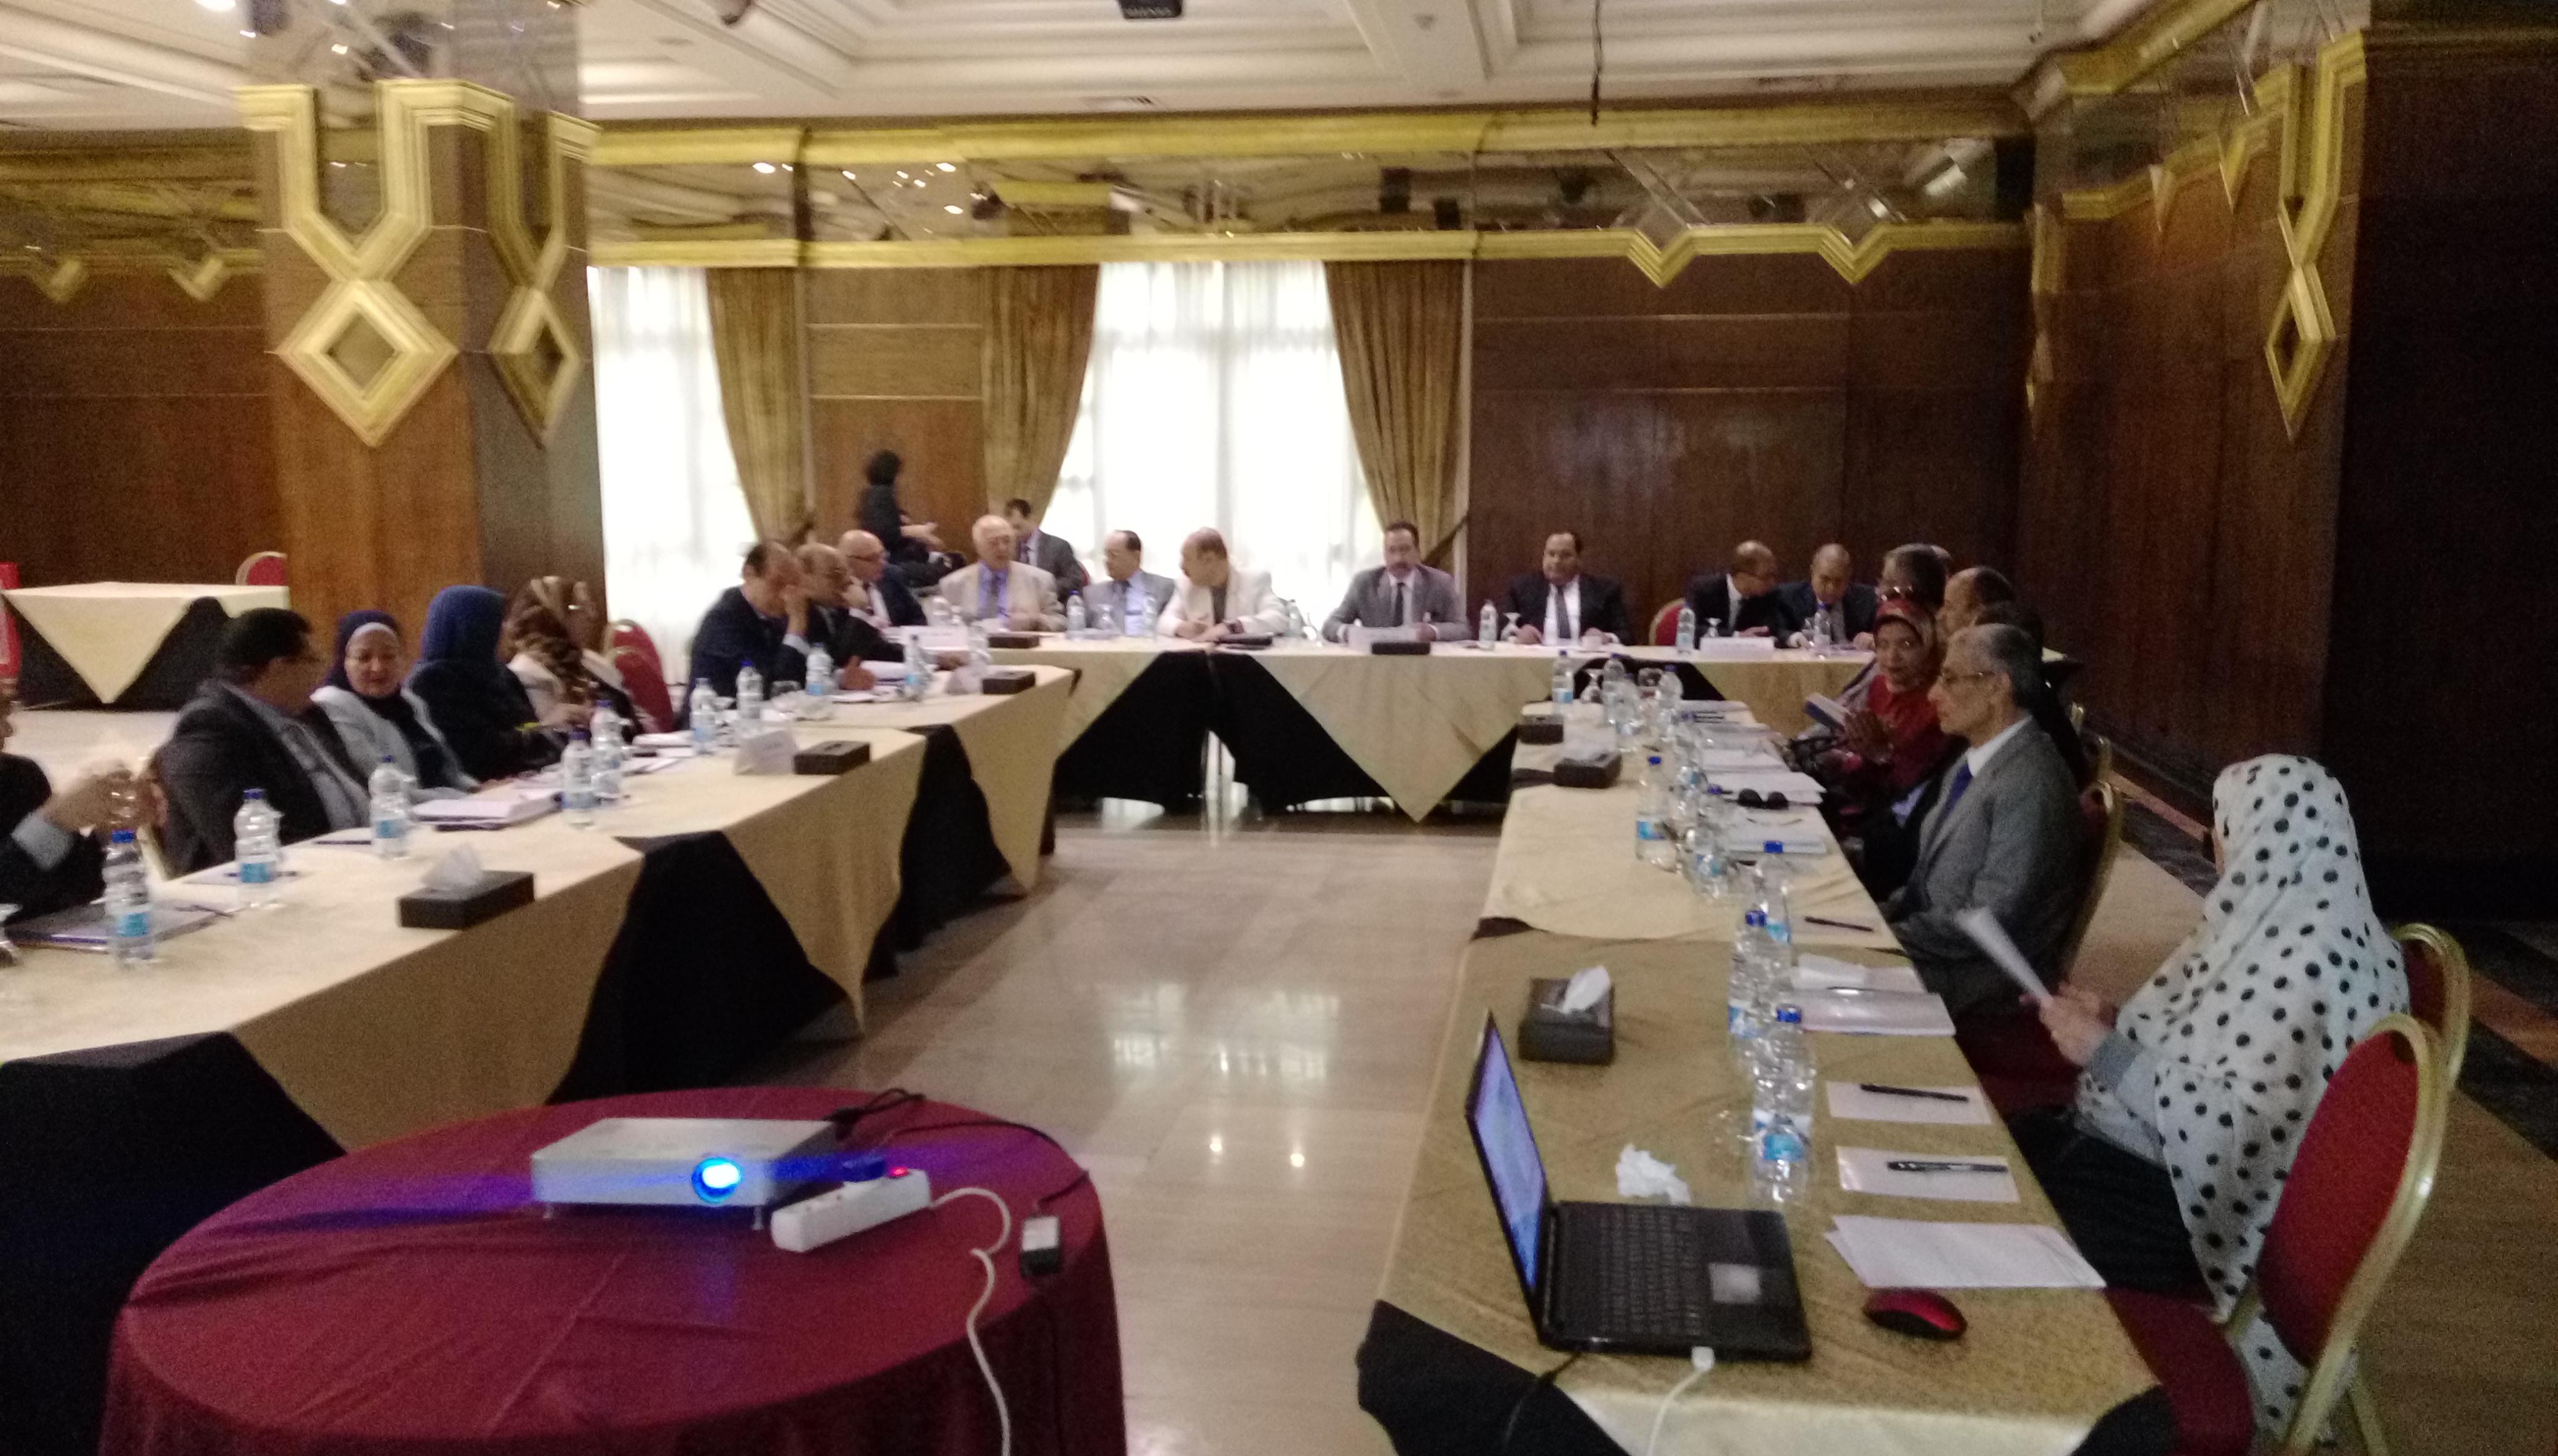 الجمعية العامة العادية لشركة الاسكندرية للأستثمارات والتنمية العمرانية لإعتماد الميزانية عن عام 2017